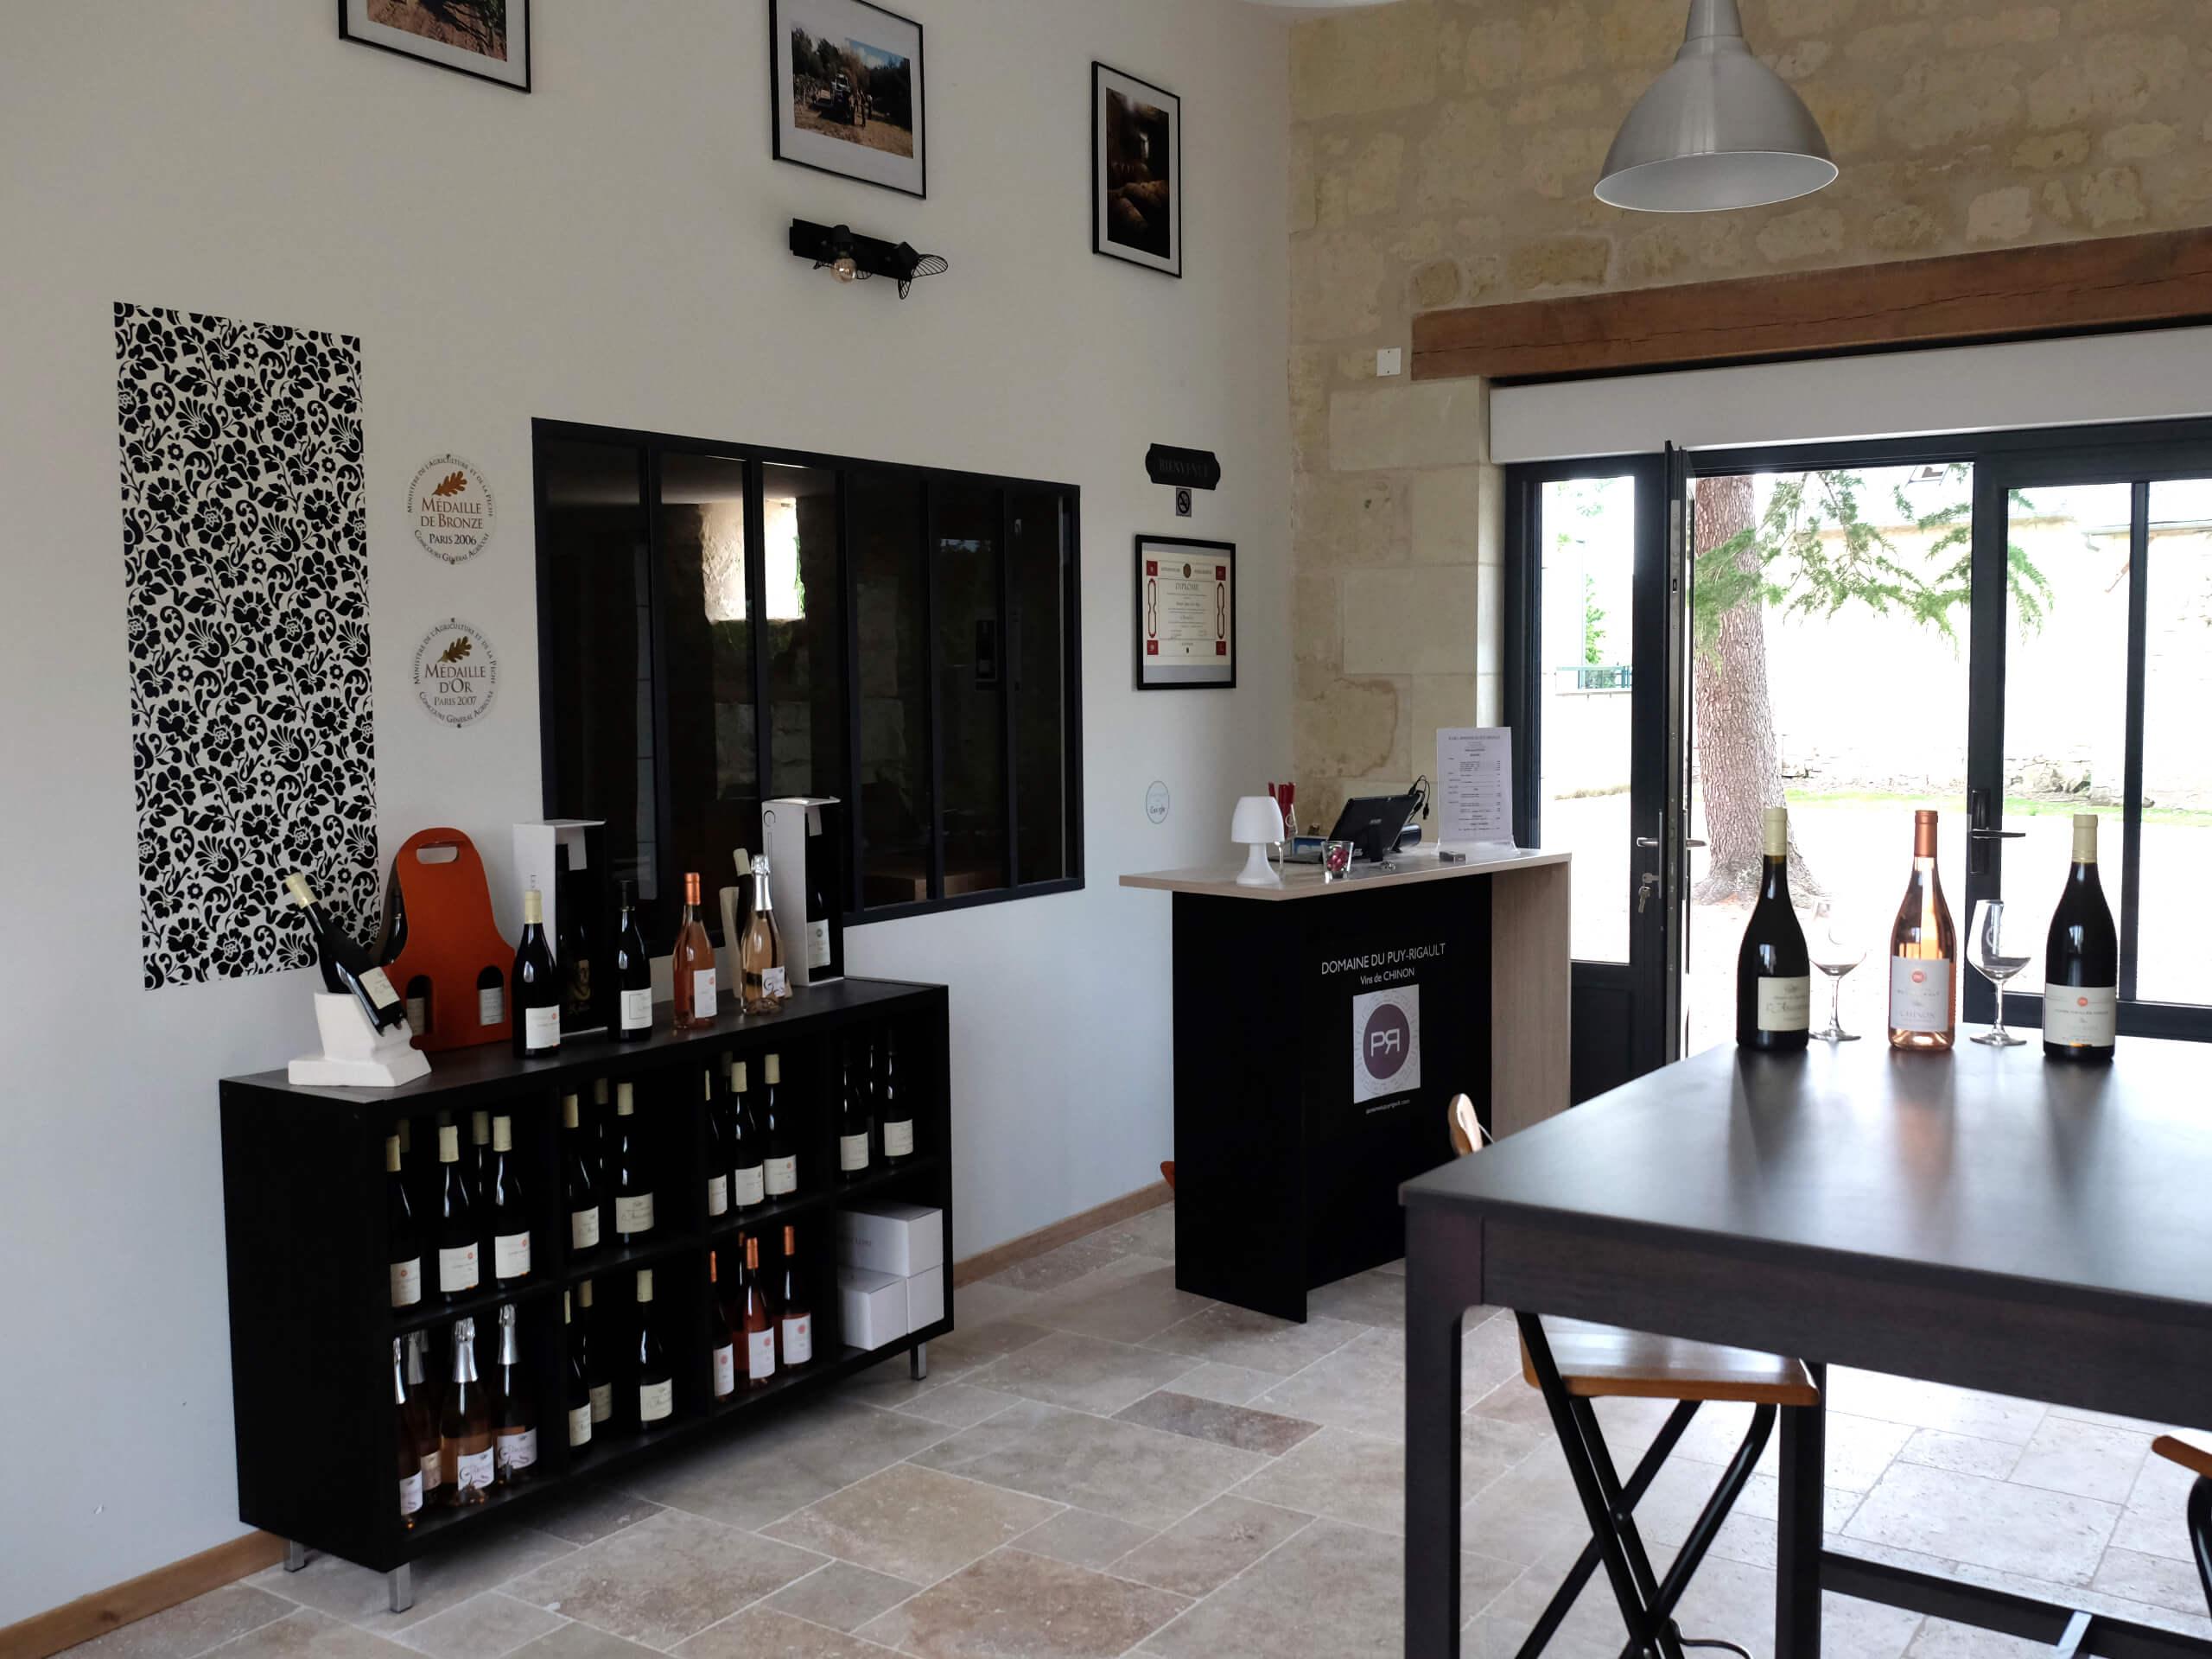 Salle de dégustation à Savigny-en-Véron du domaine du Puy Rigault, vignobles en AOC Chinon.